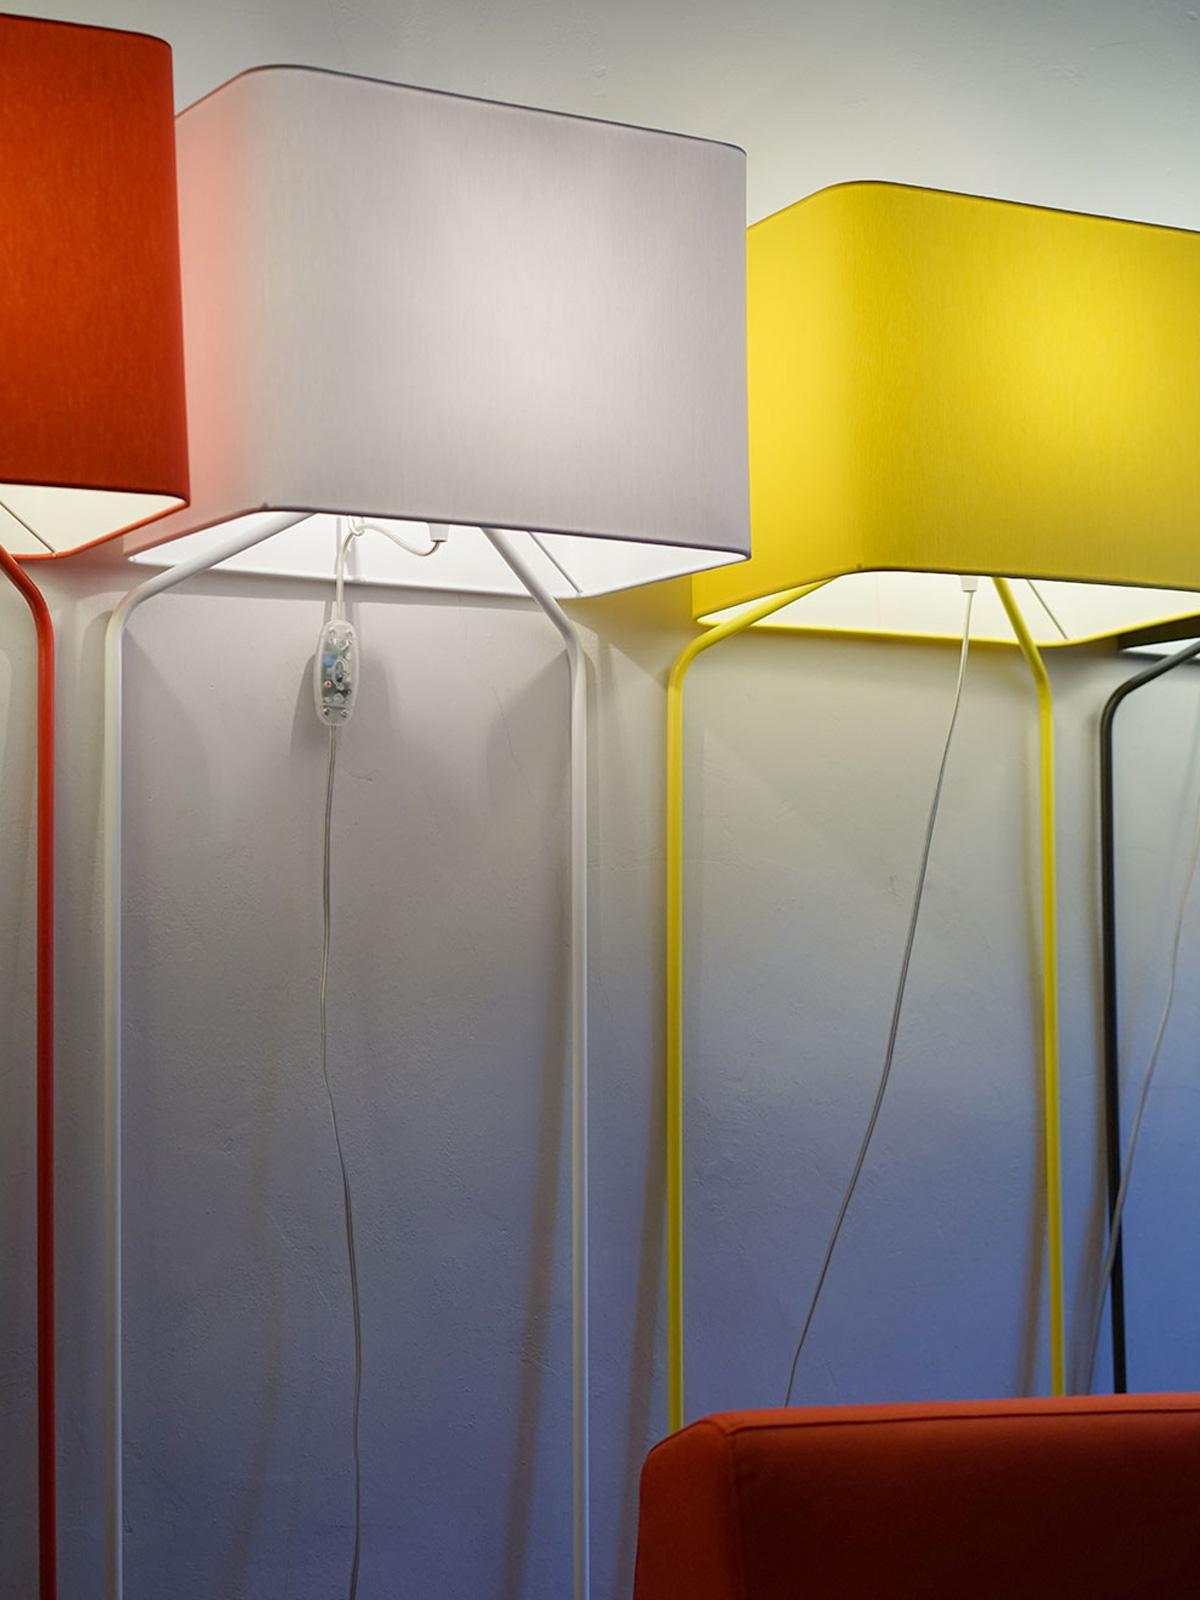 Stehlampe Thinlissie frauMaier bei DesignOrt Onlineshop